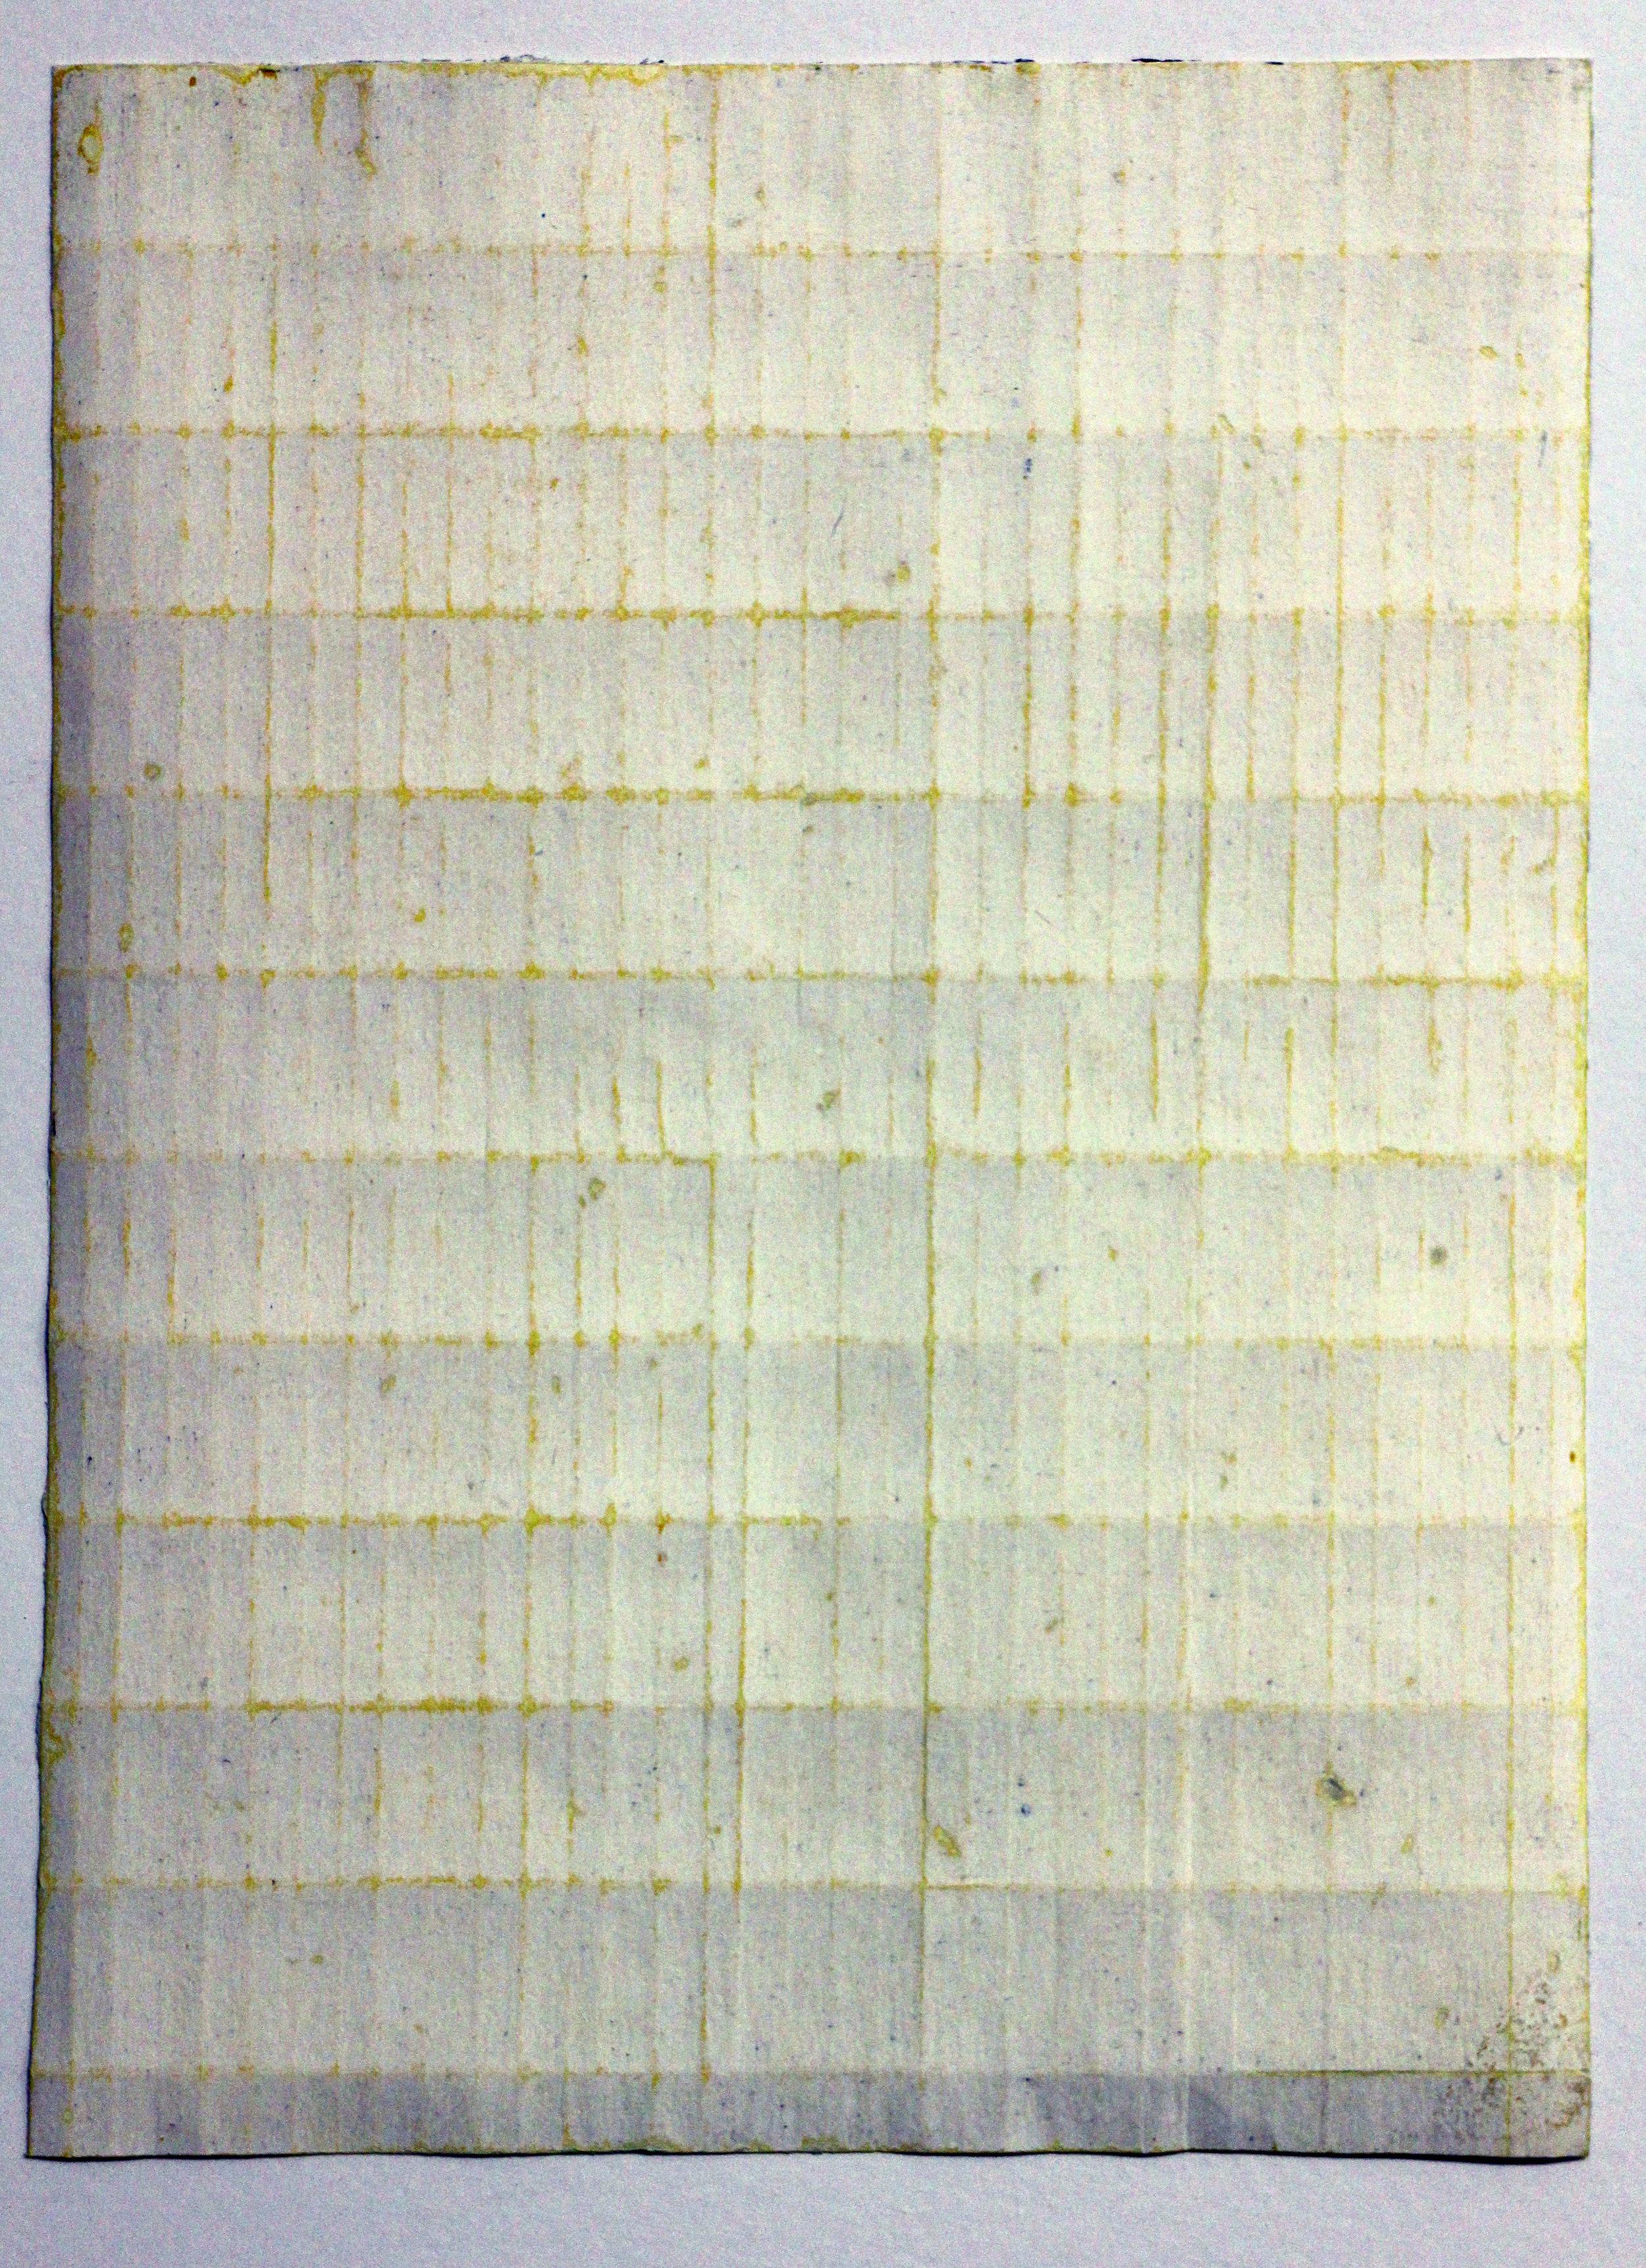 White/Lemon Fold 1x1.4 7.10.16